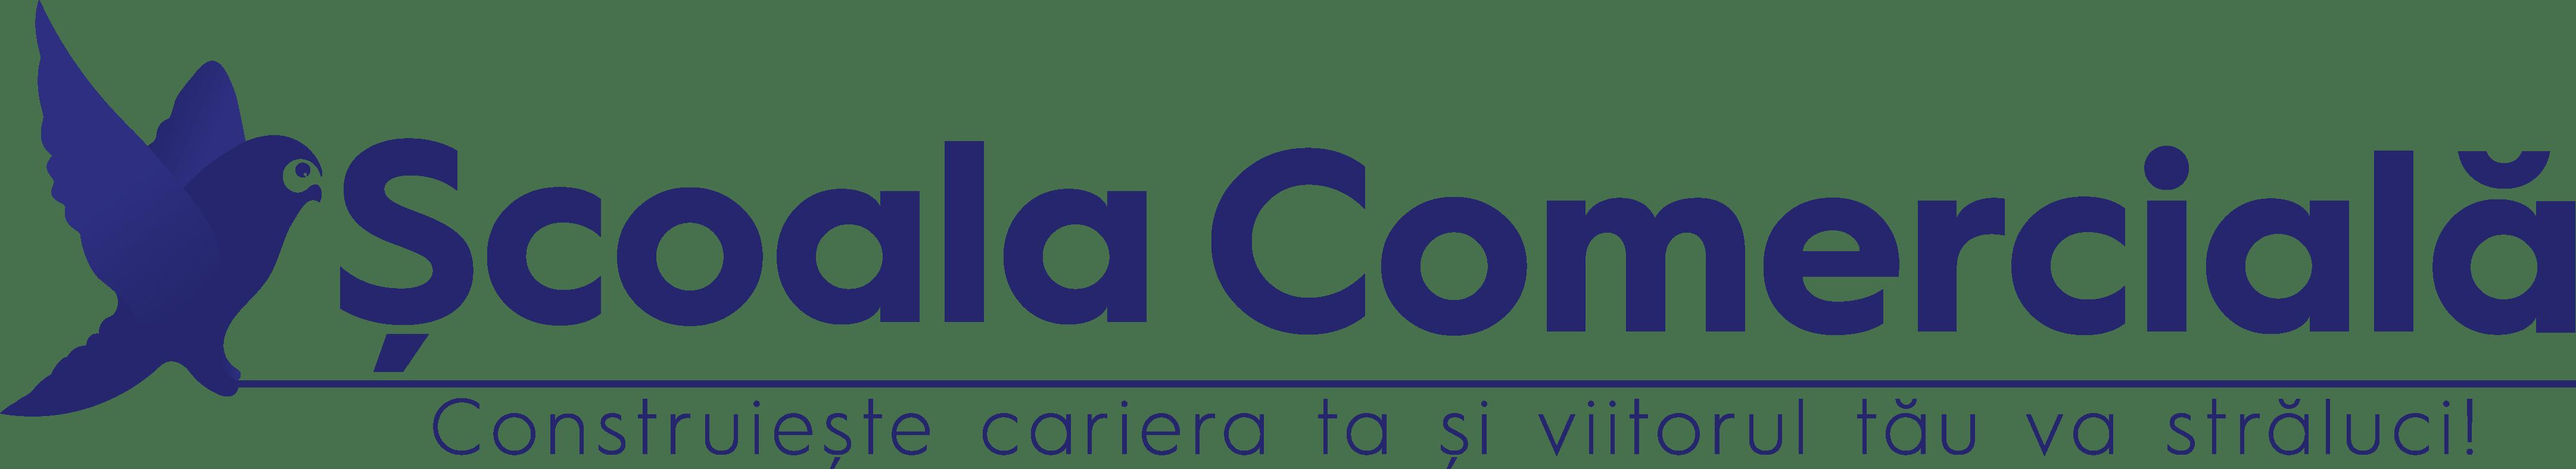 Cursuri Scoala Comerciala si de Servicii Bacau